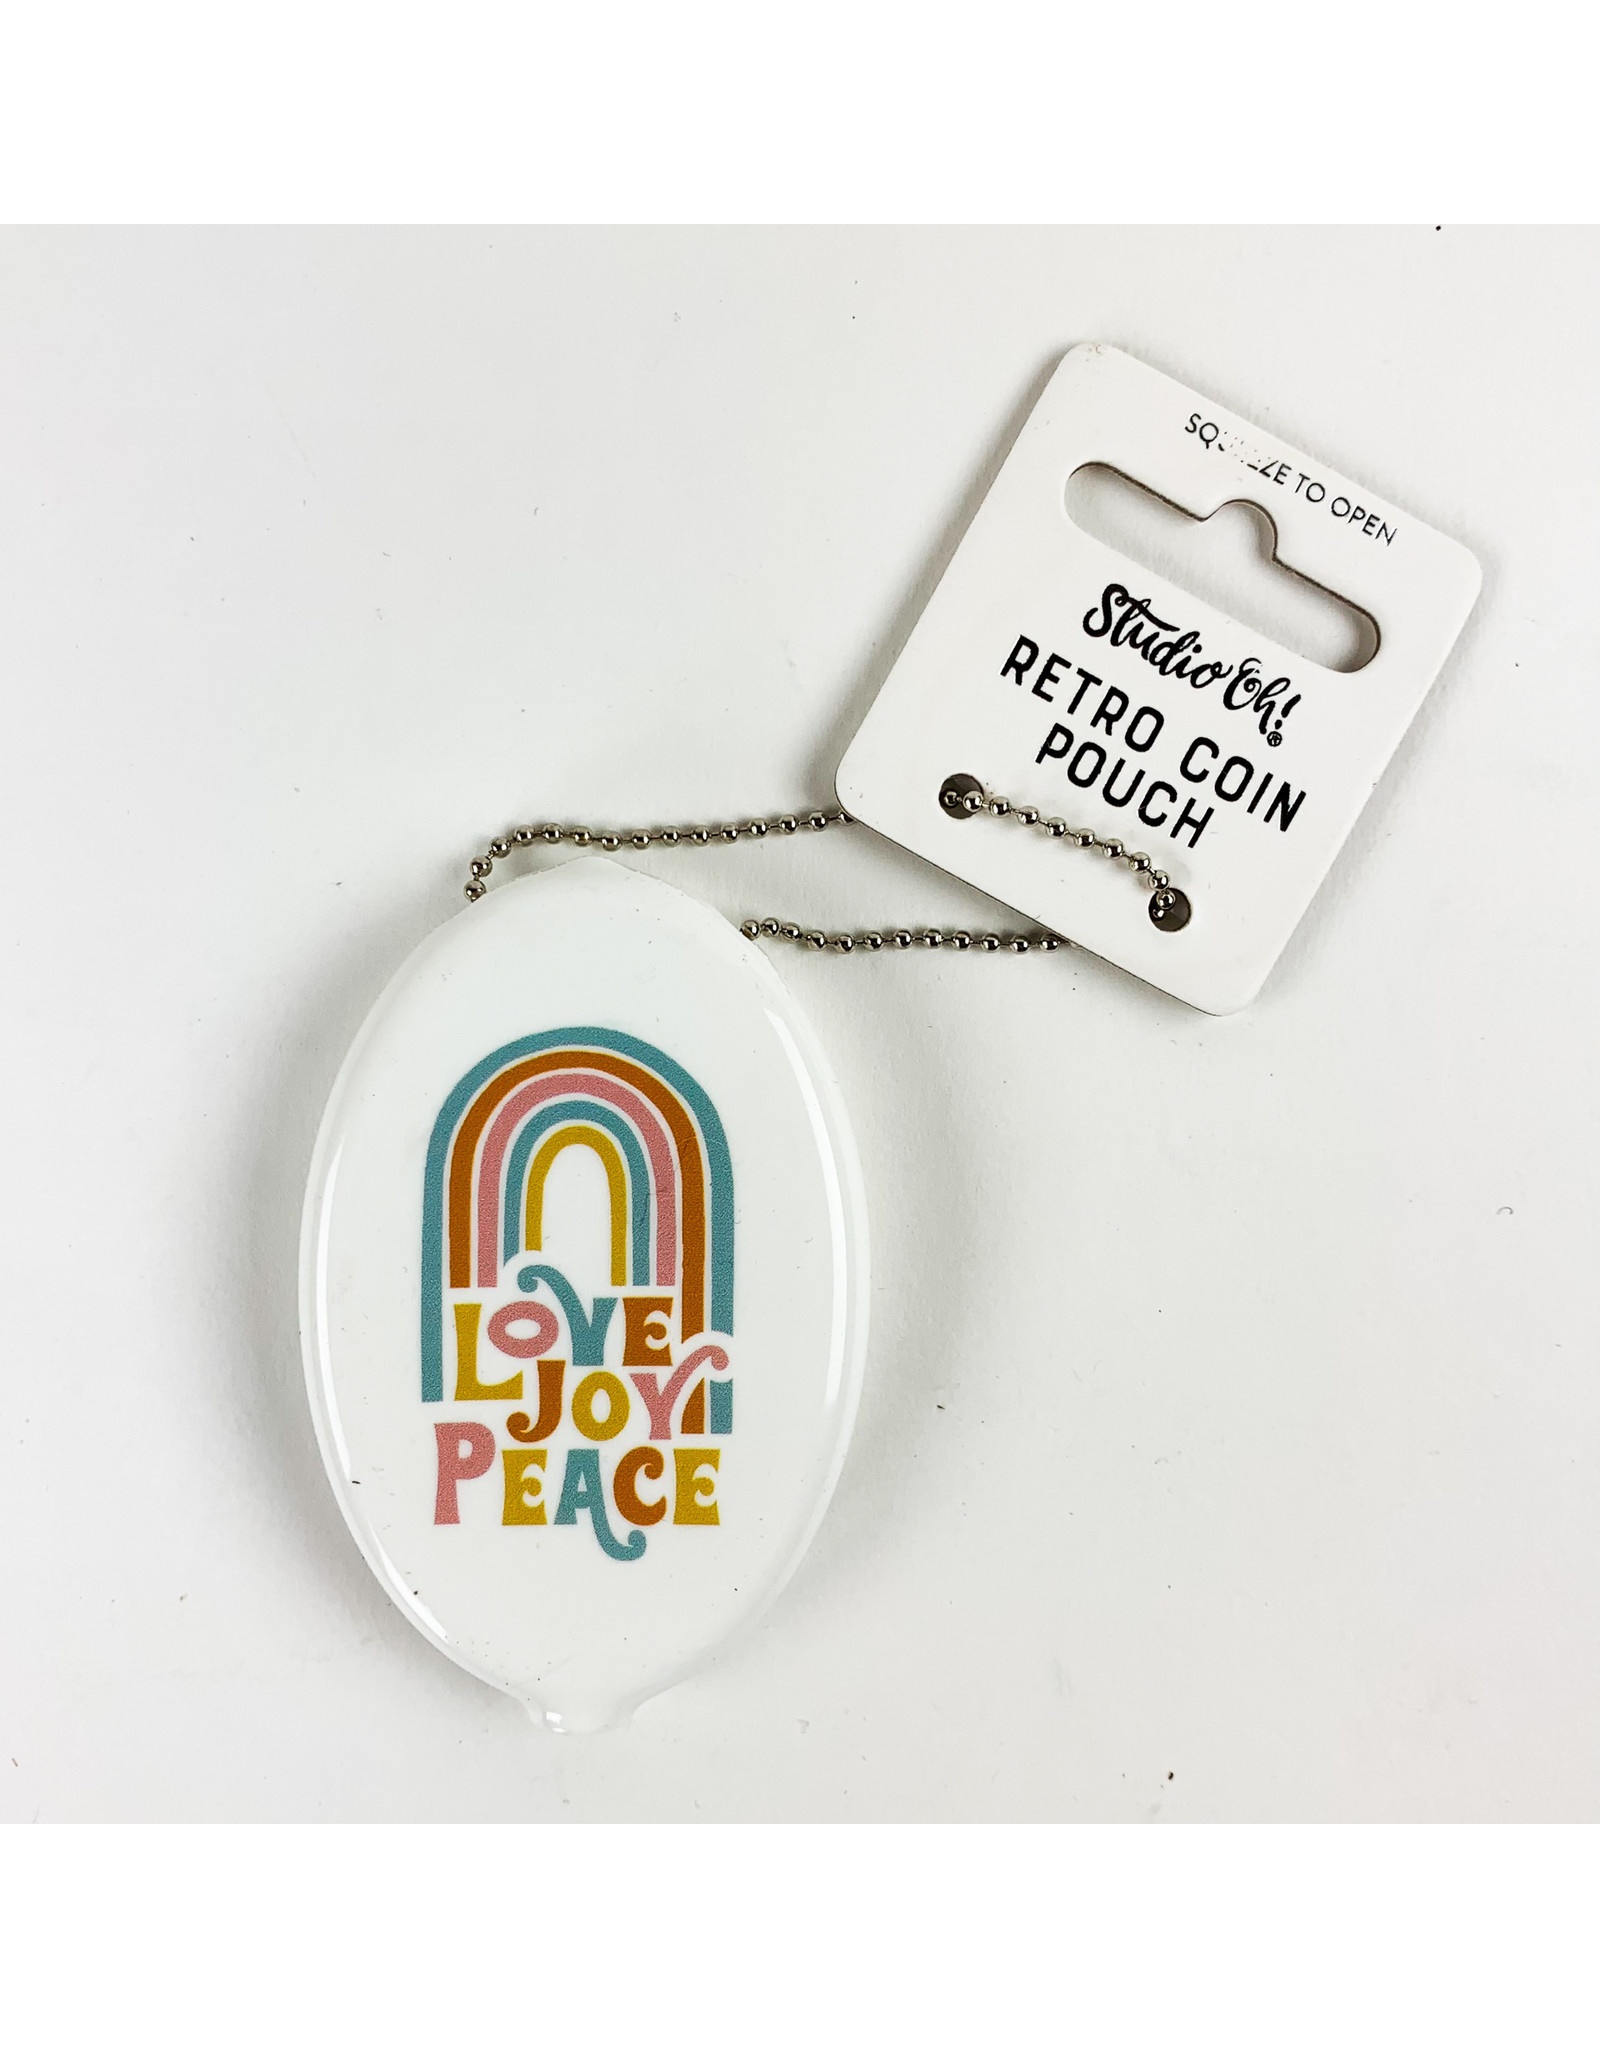 Studio Oh! Retro Coin Pouch Love Joy Peace